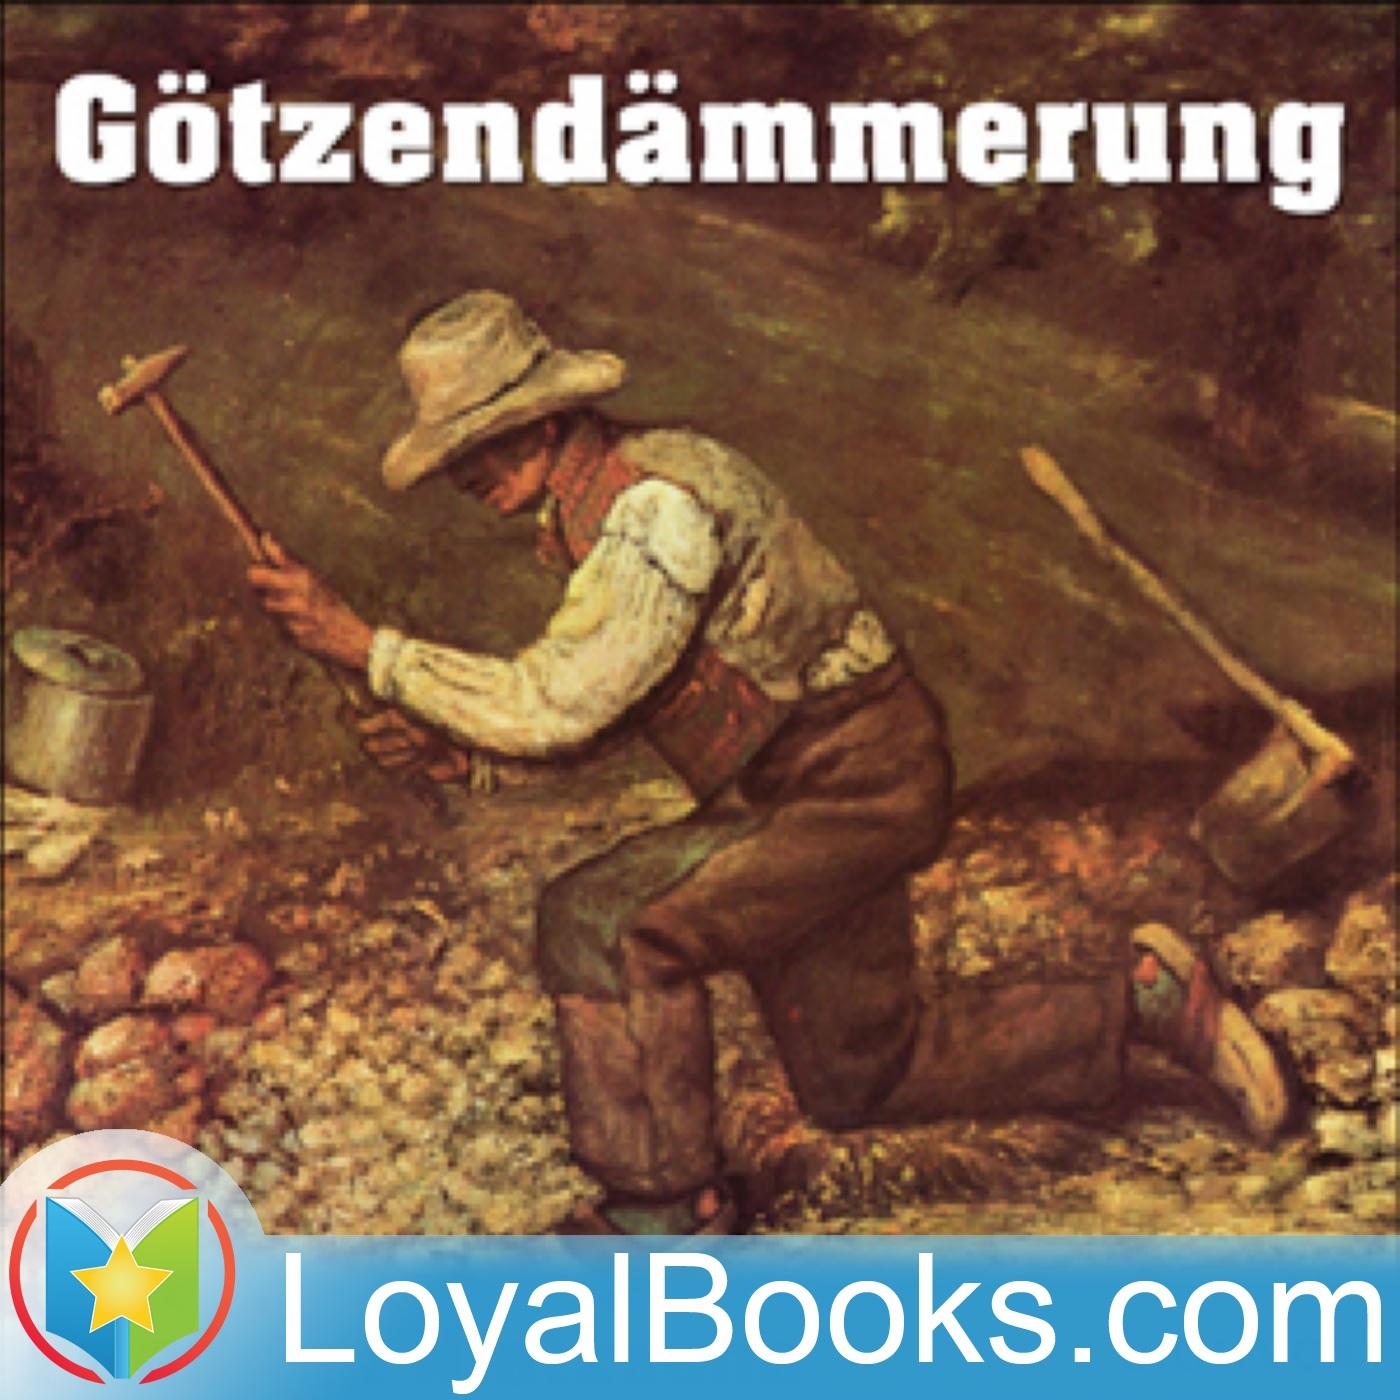 <![CDATA[Götzendämmerung by Friedrich Nietzsche]]>